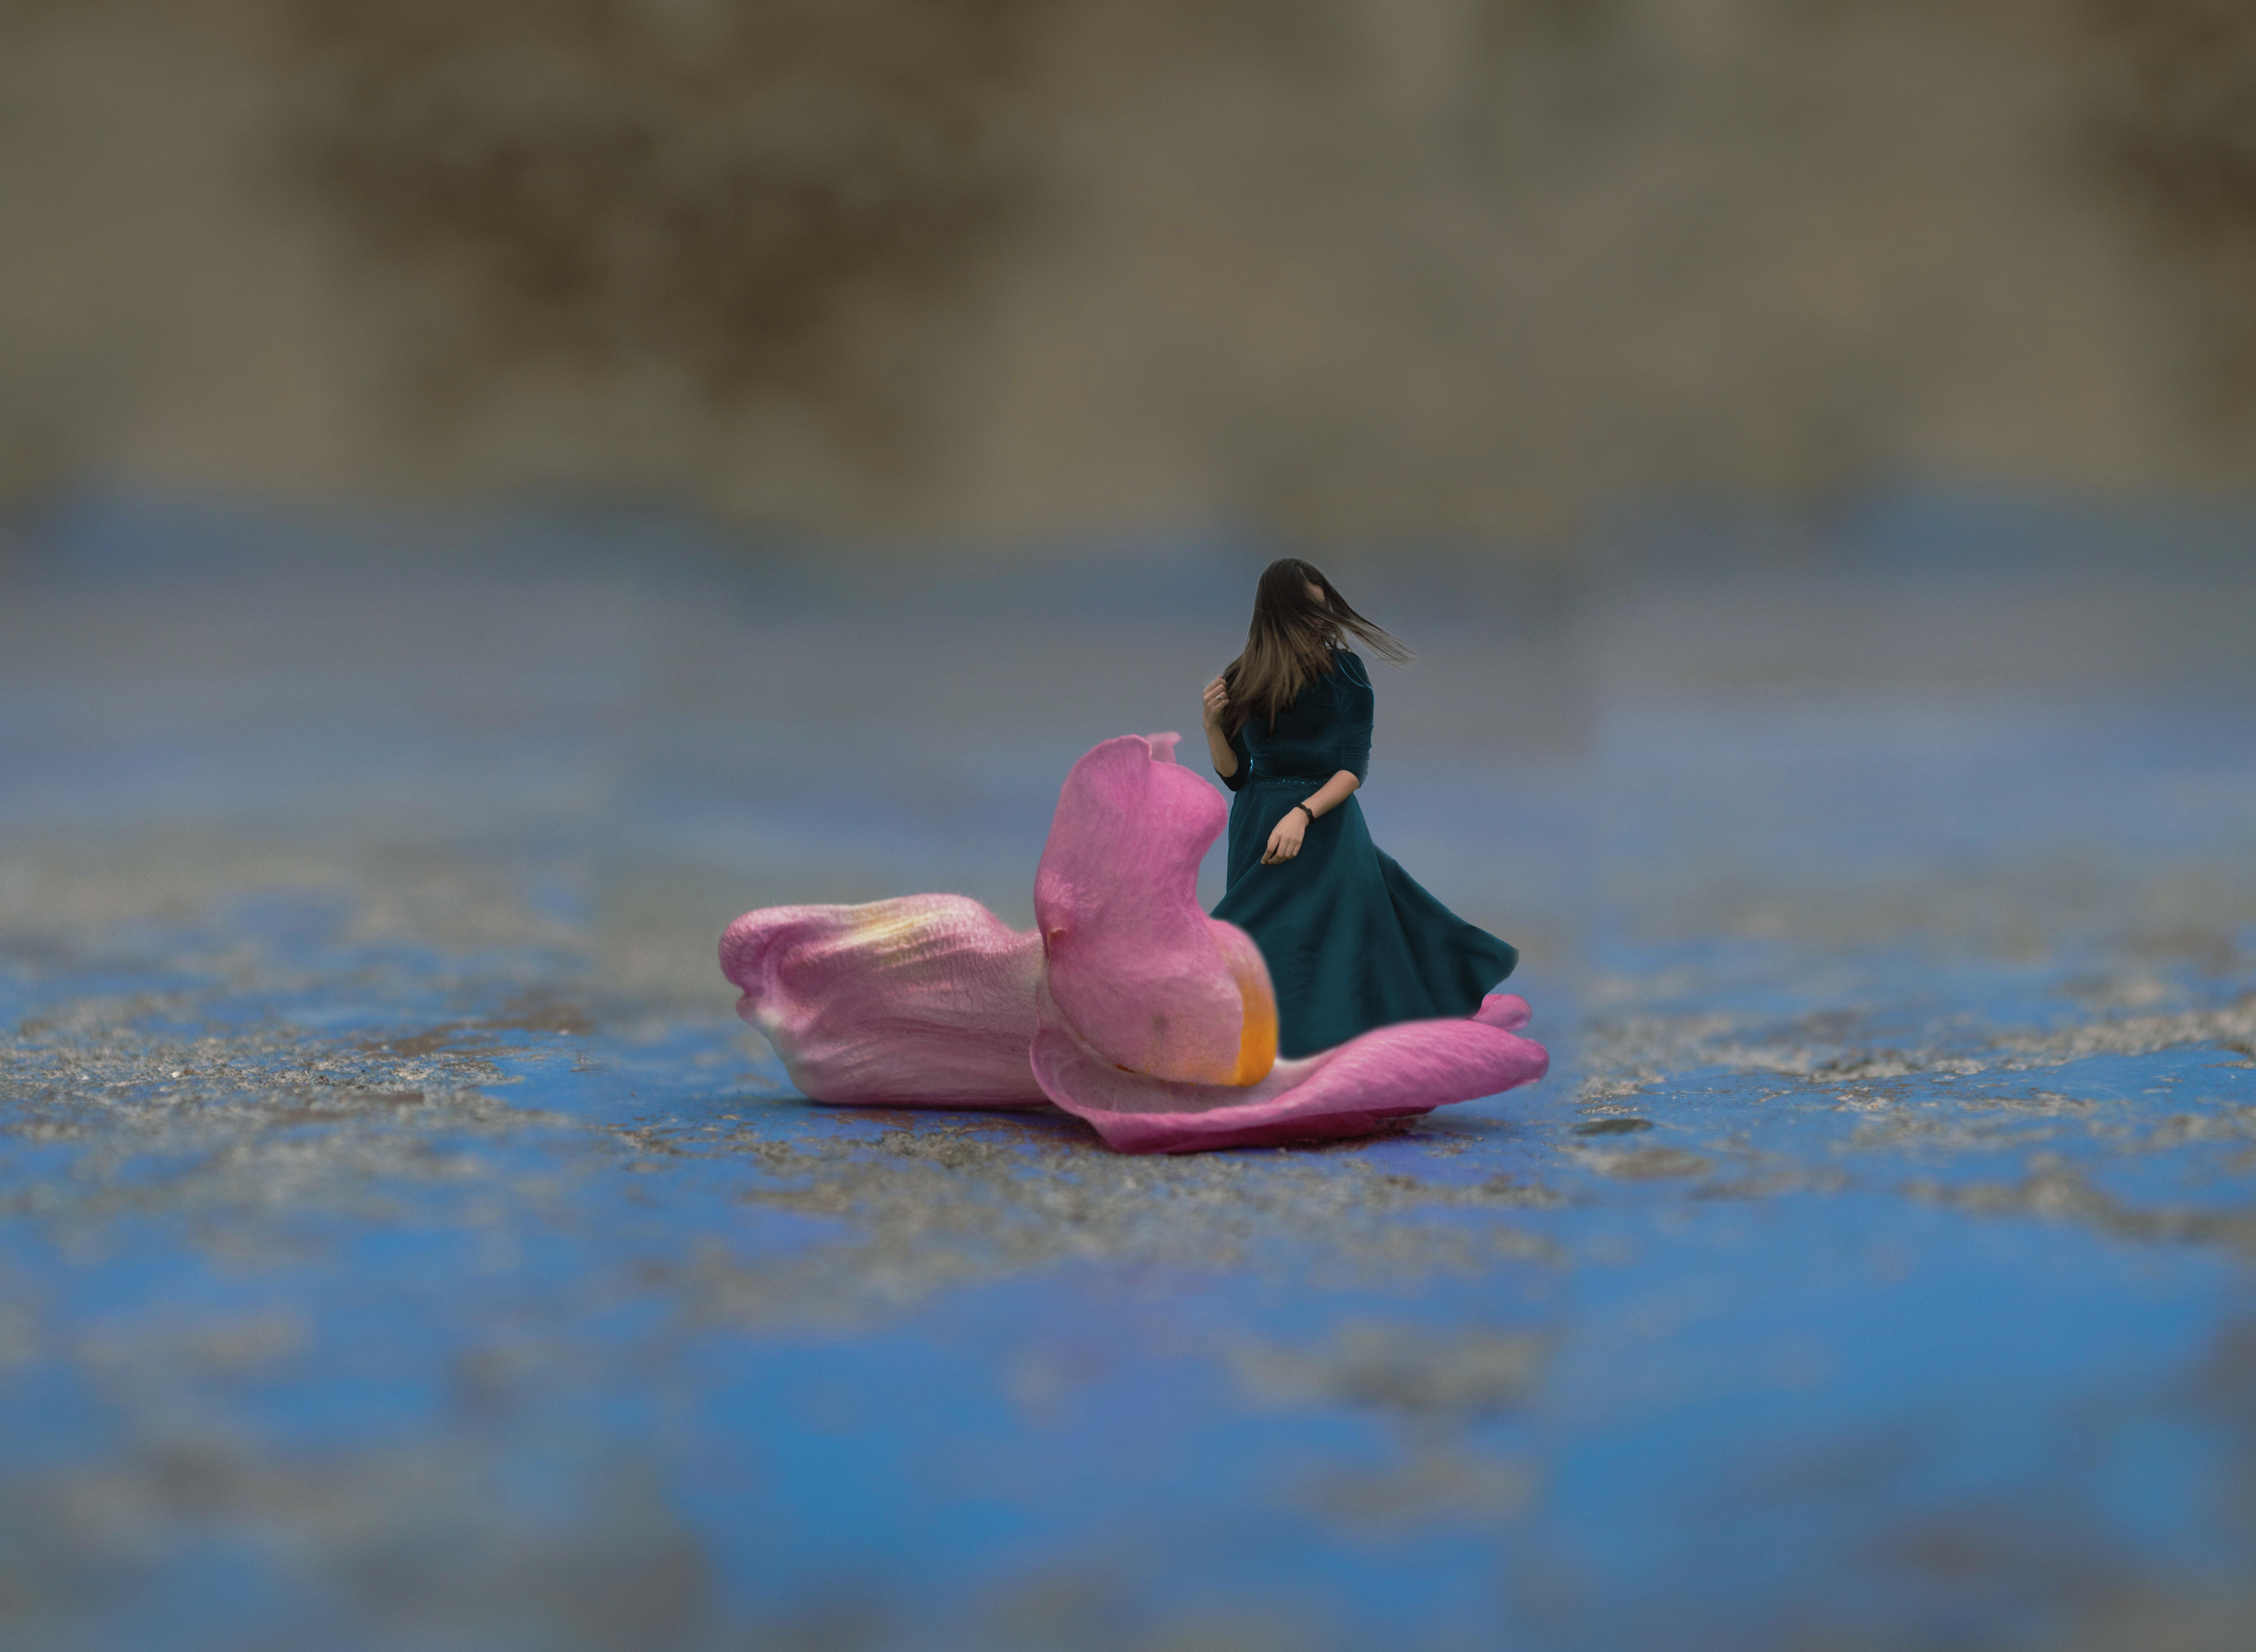 Flotando en flores by Kathechareun